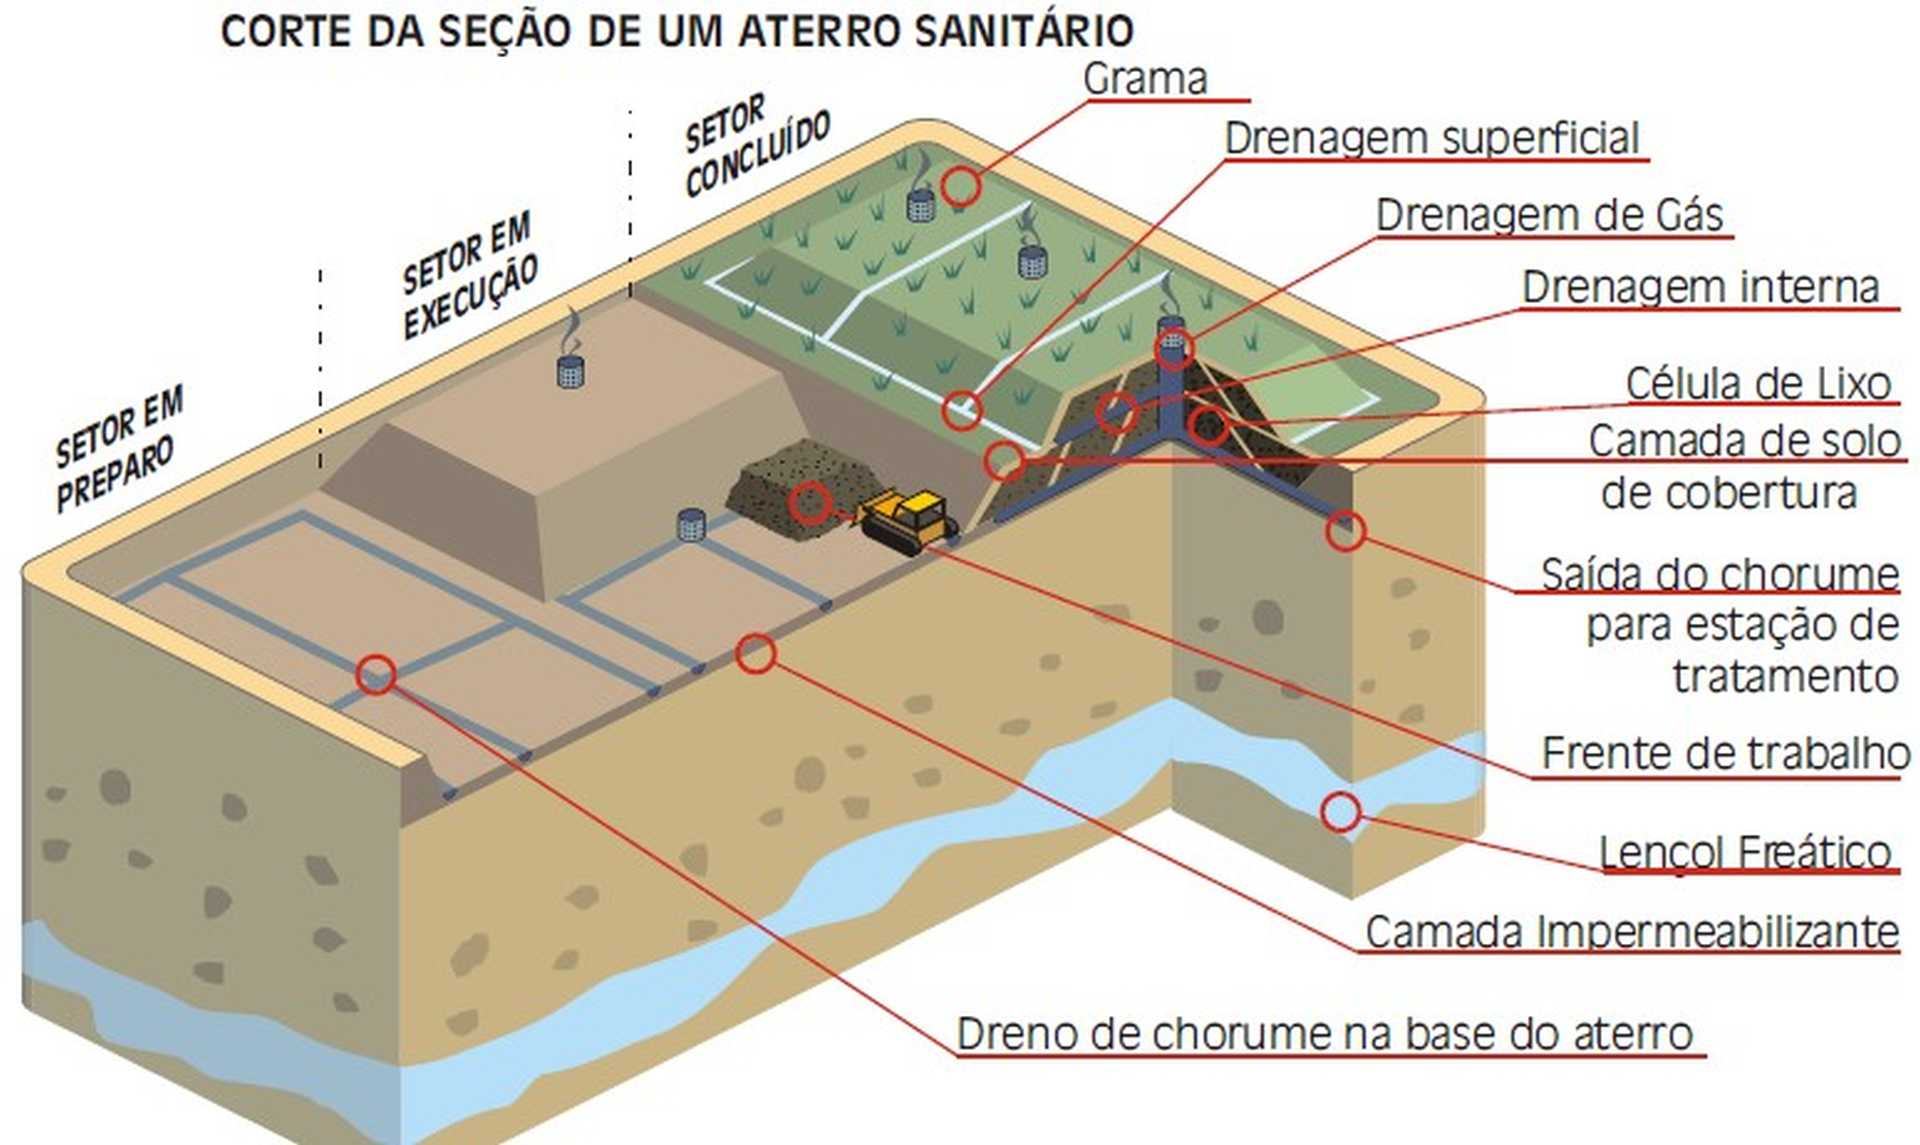 infográfico com o corte da seção de um aterro sanitário